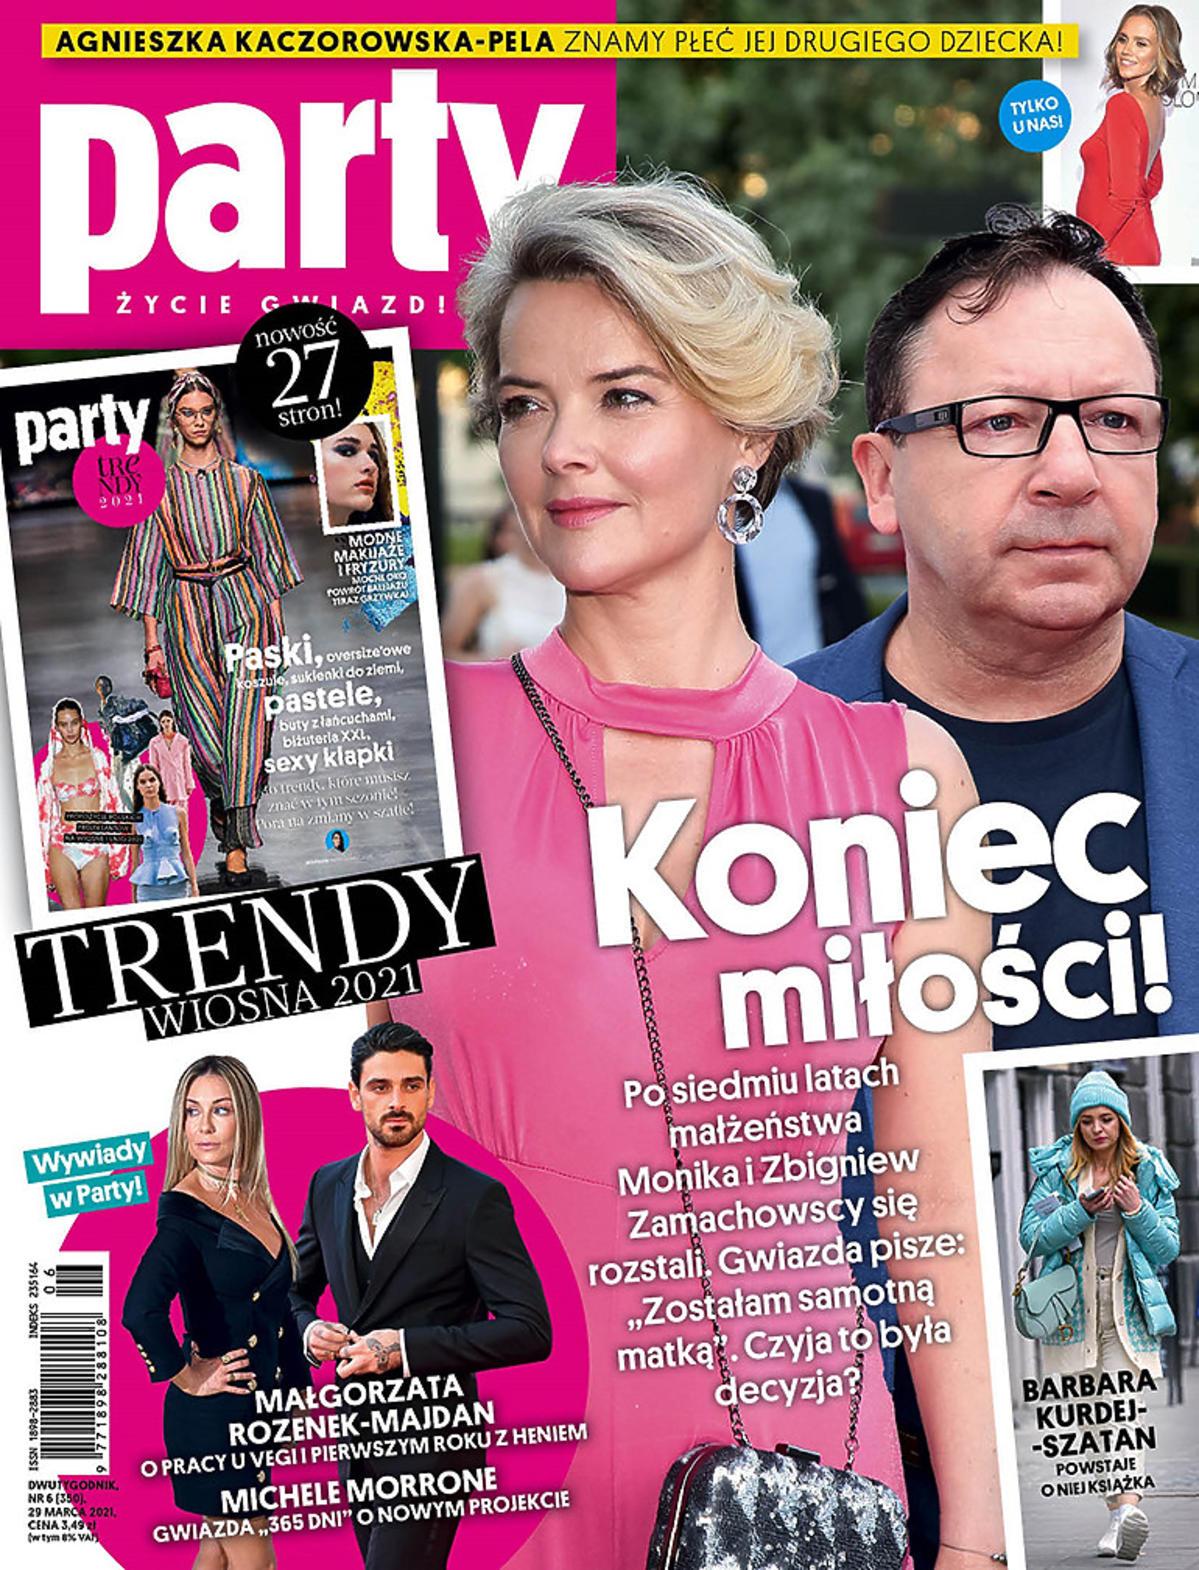 Monika Zamachowska i Zbigniew Zamachowski na okłądce